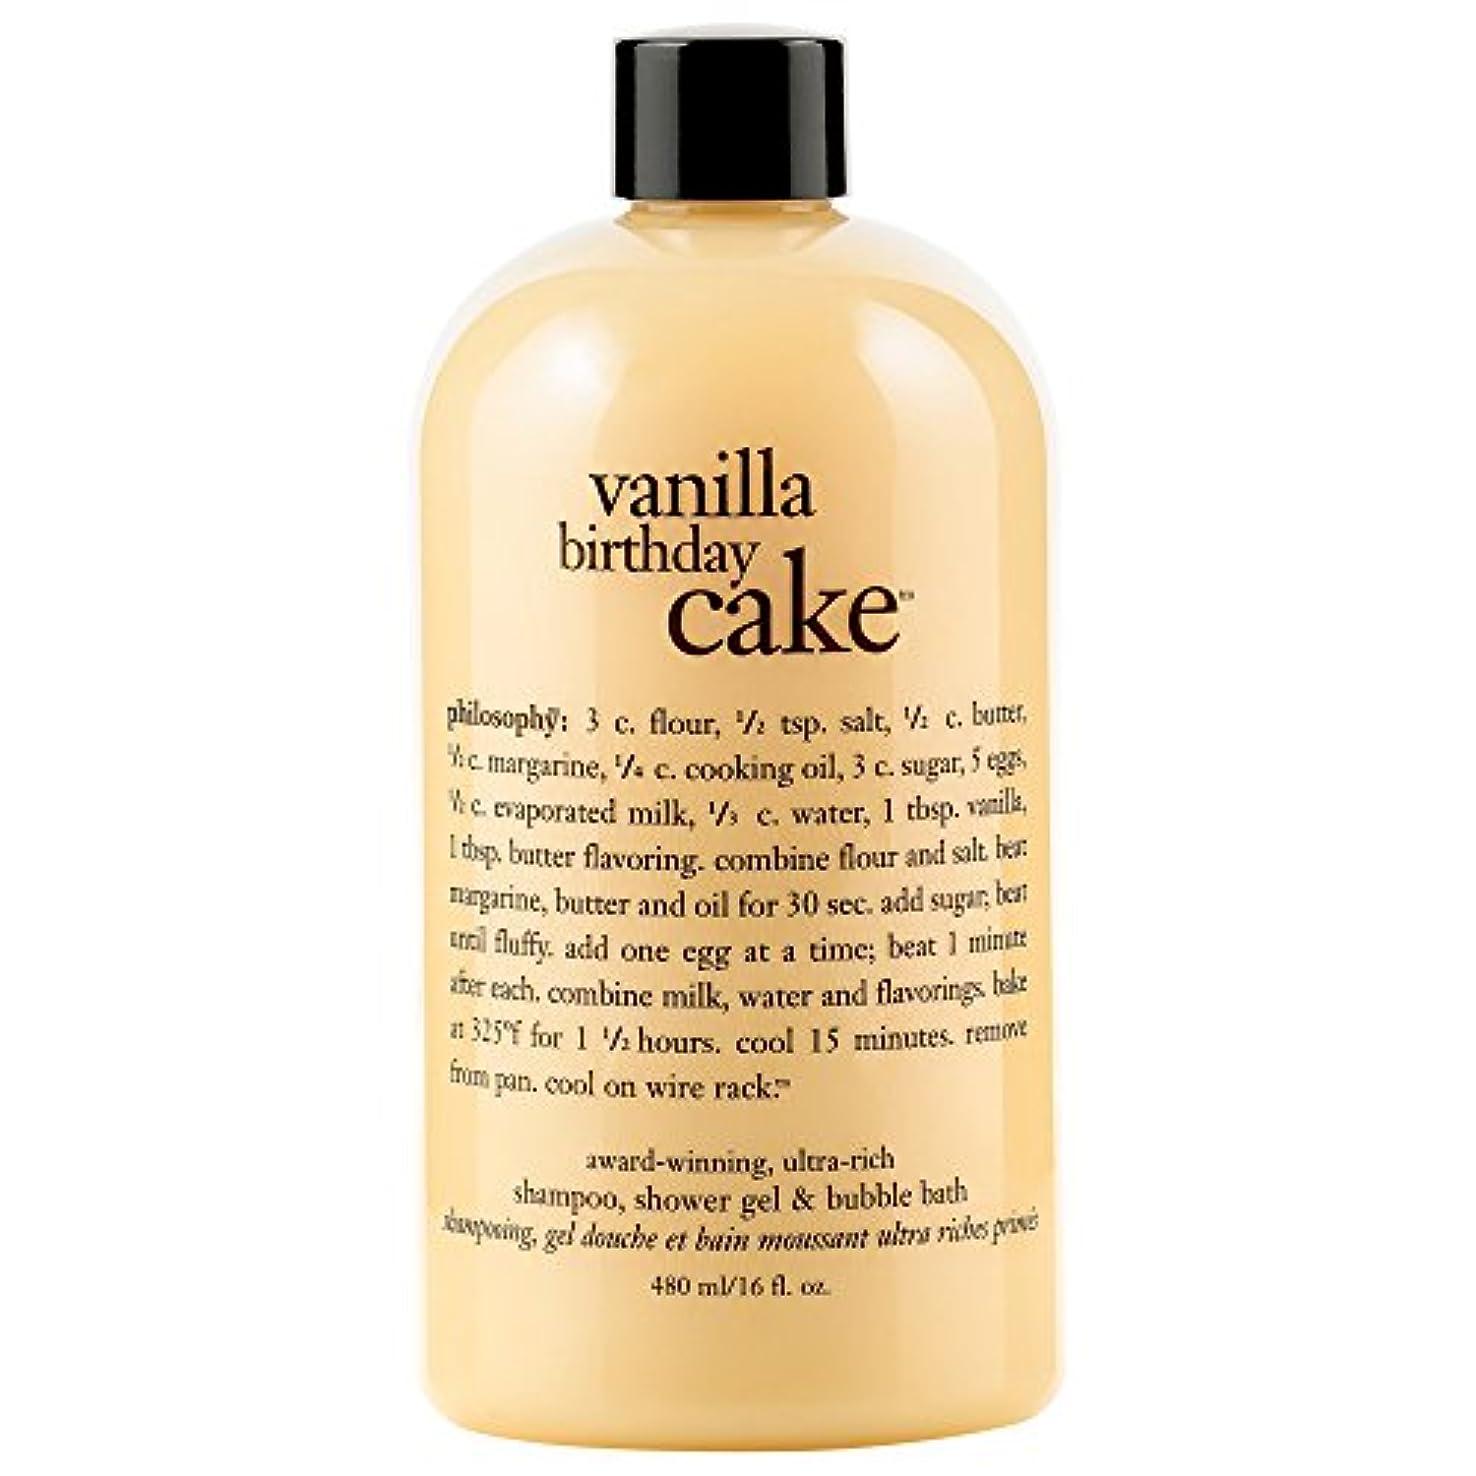 団結後世次哲学バニラバースデーケーキシャンプー/シャワージェル/バブルバス480ミリリットル (Philosophy) (x2) - Philosophy Vanilla Birthday Cake Shampoo/Shower...